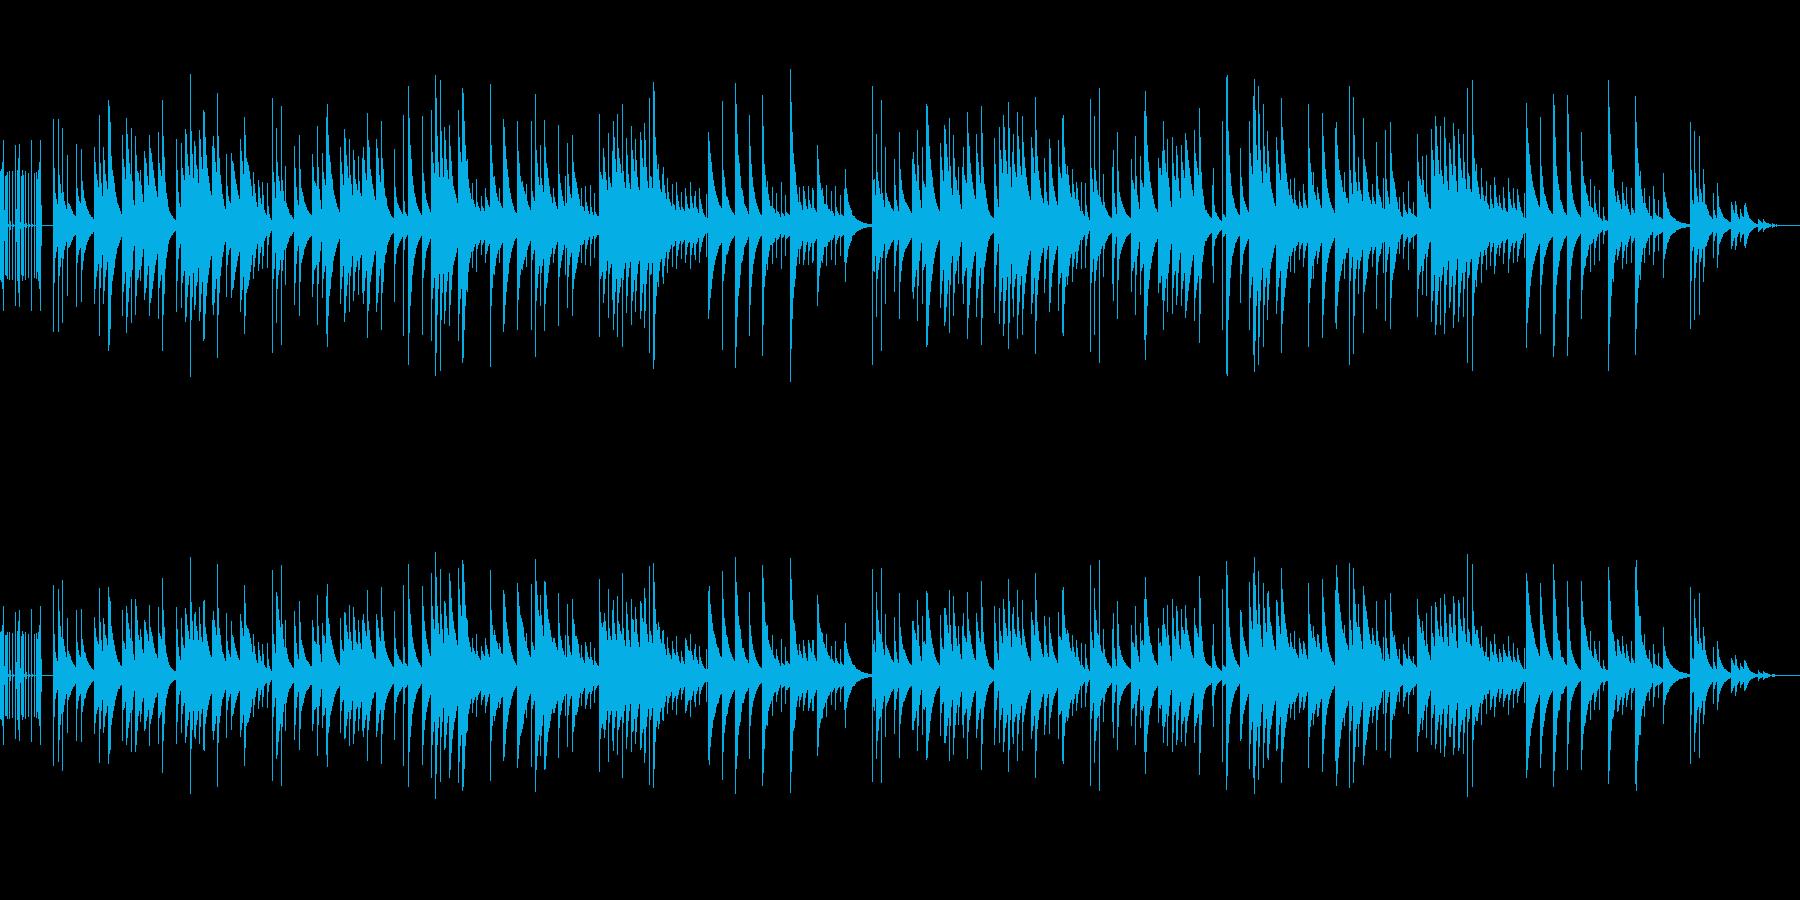 穏やかで少し切ないオルゴール楽曲の再生済みの波形